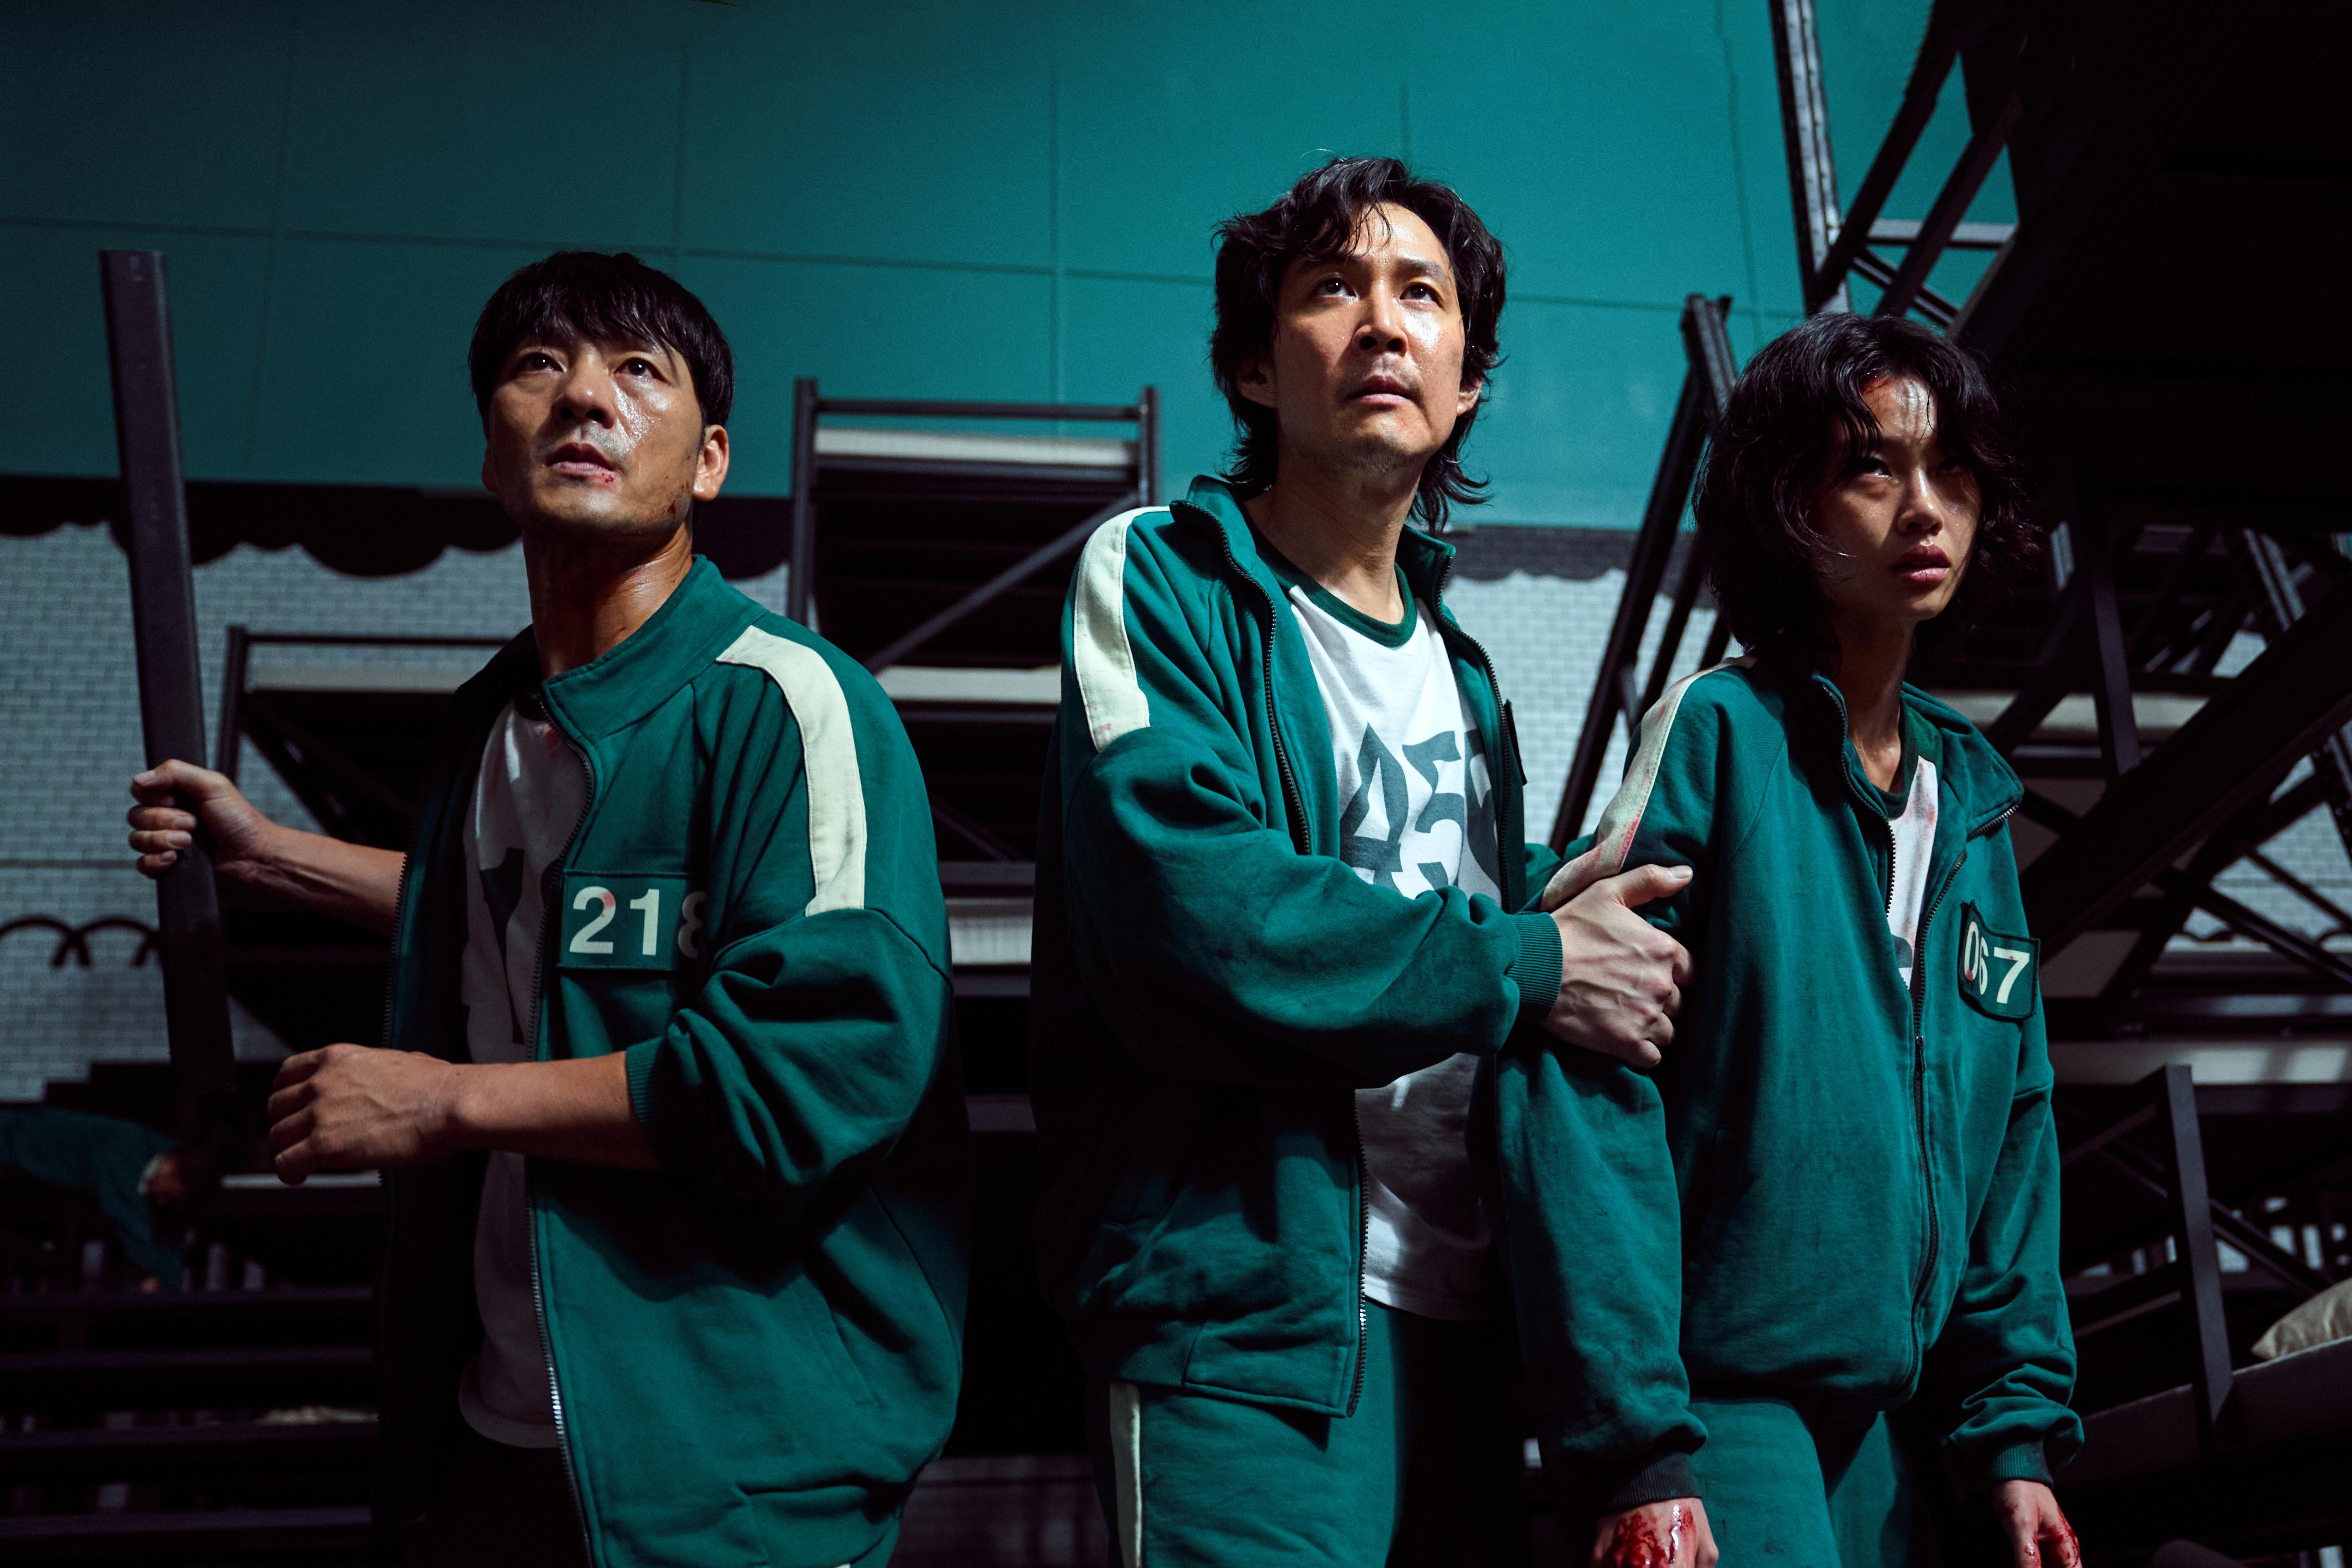 Squid Game cast film fighting scene